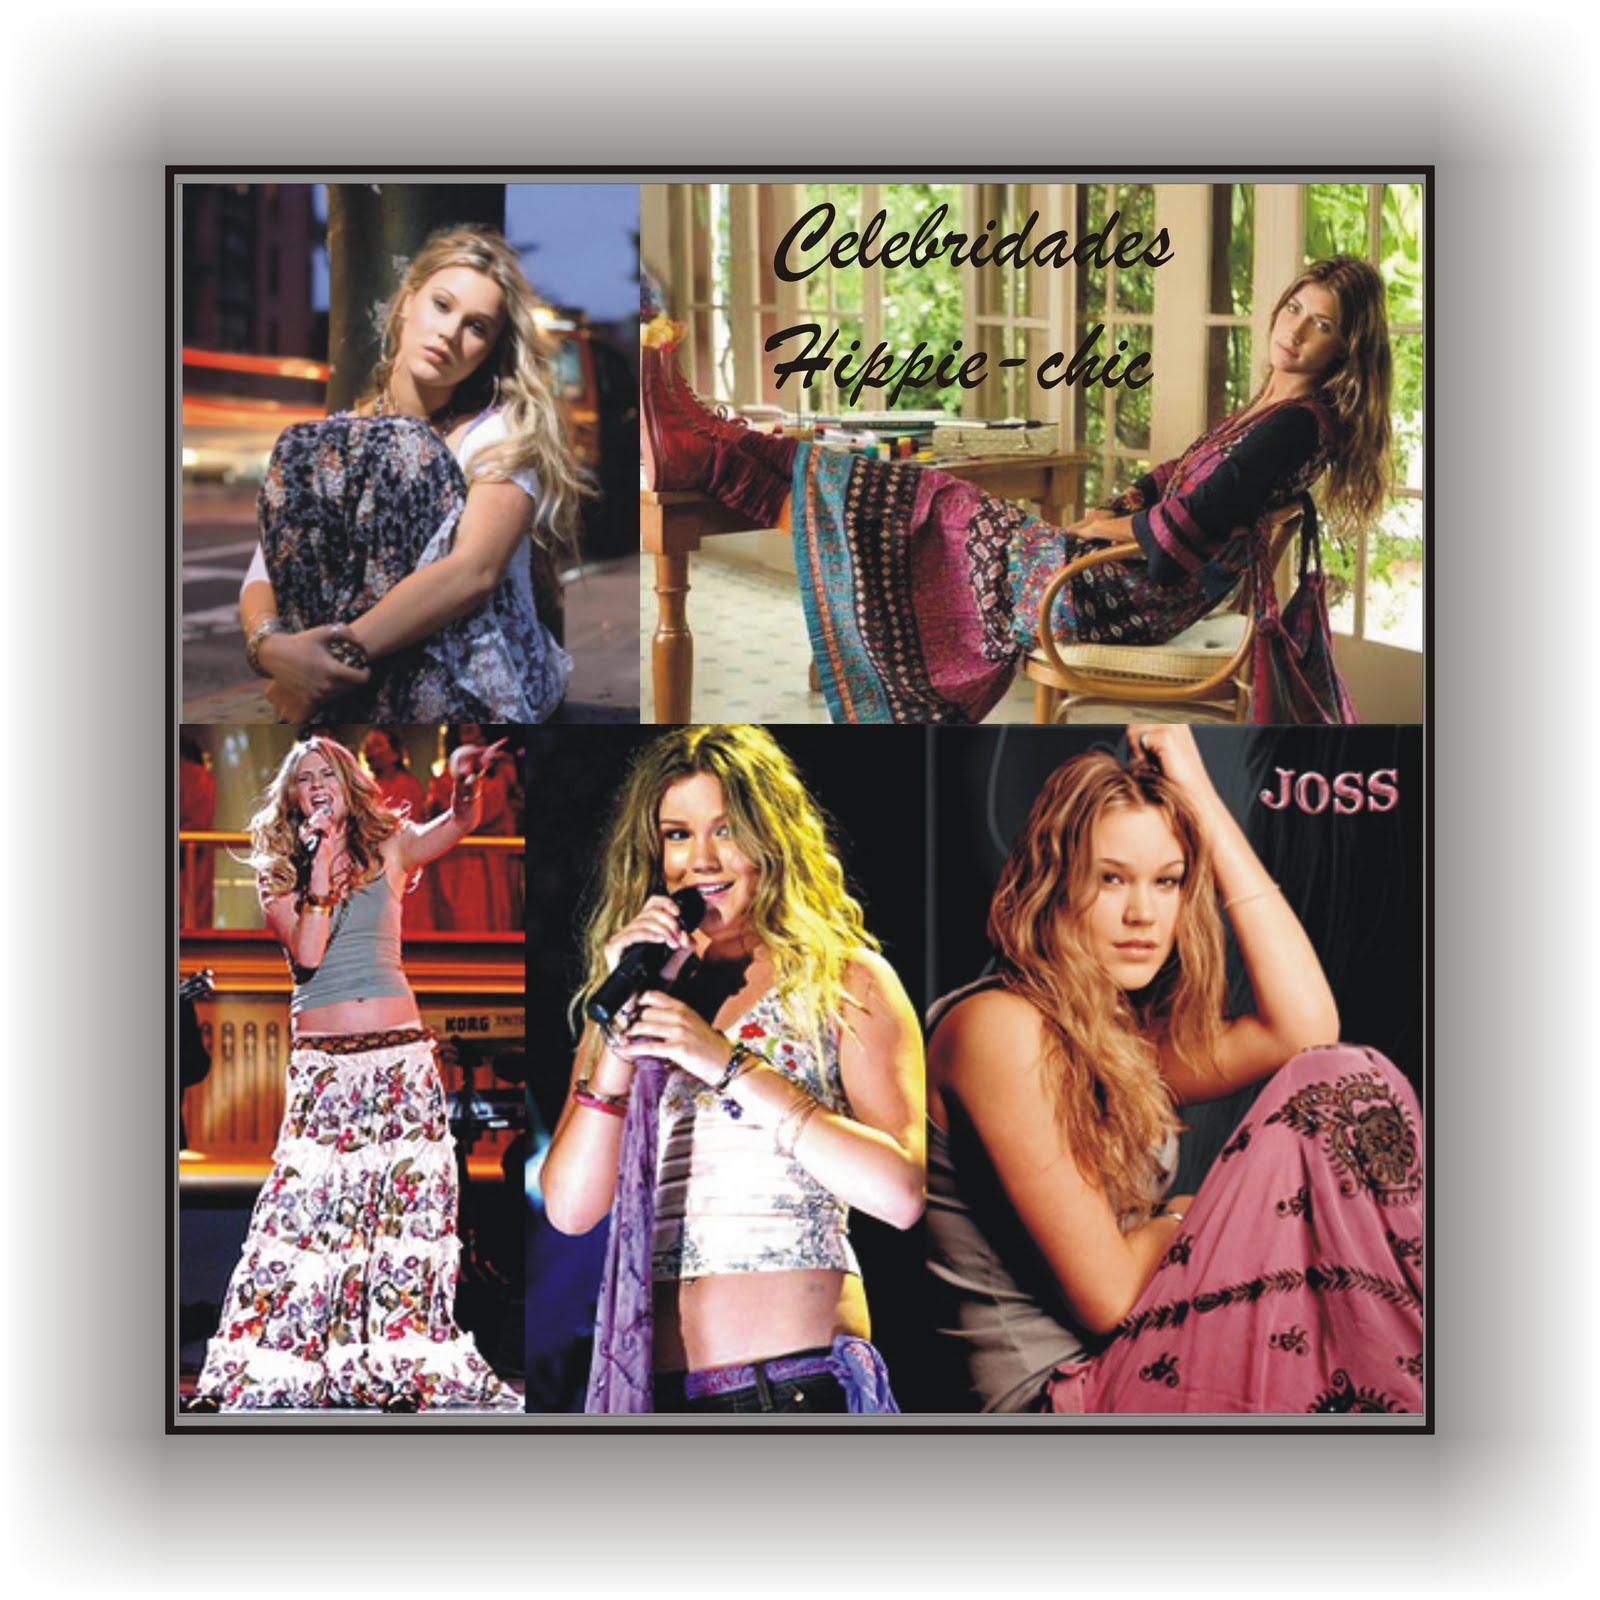 http://3.bp.blogspot.com/_pGeQAtwhafg/S7-c-h7rb6I/AAAAAAAAACk/onwqWWP3gBw/s1600/joss+stone1.JPG